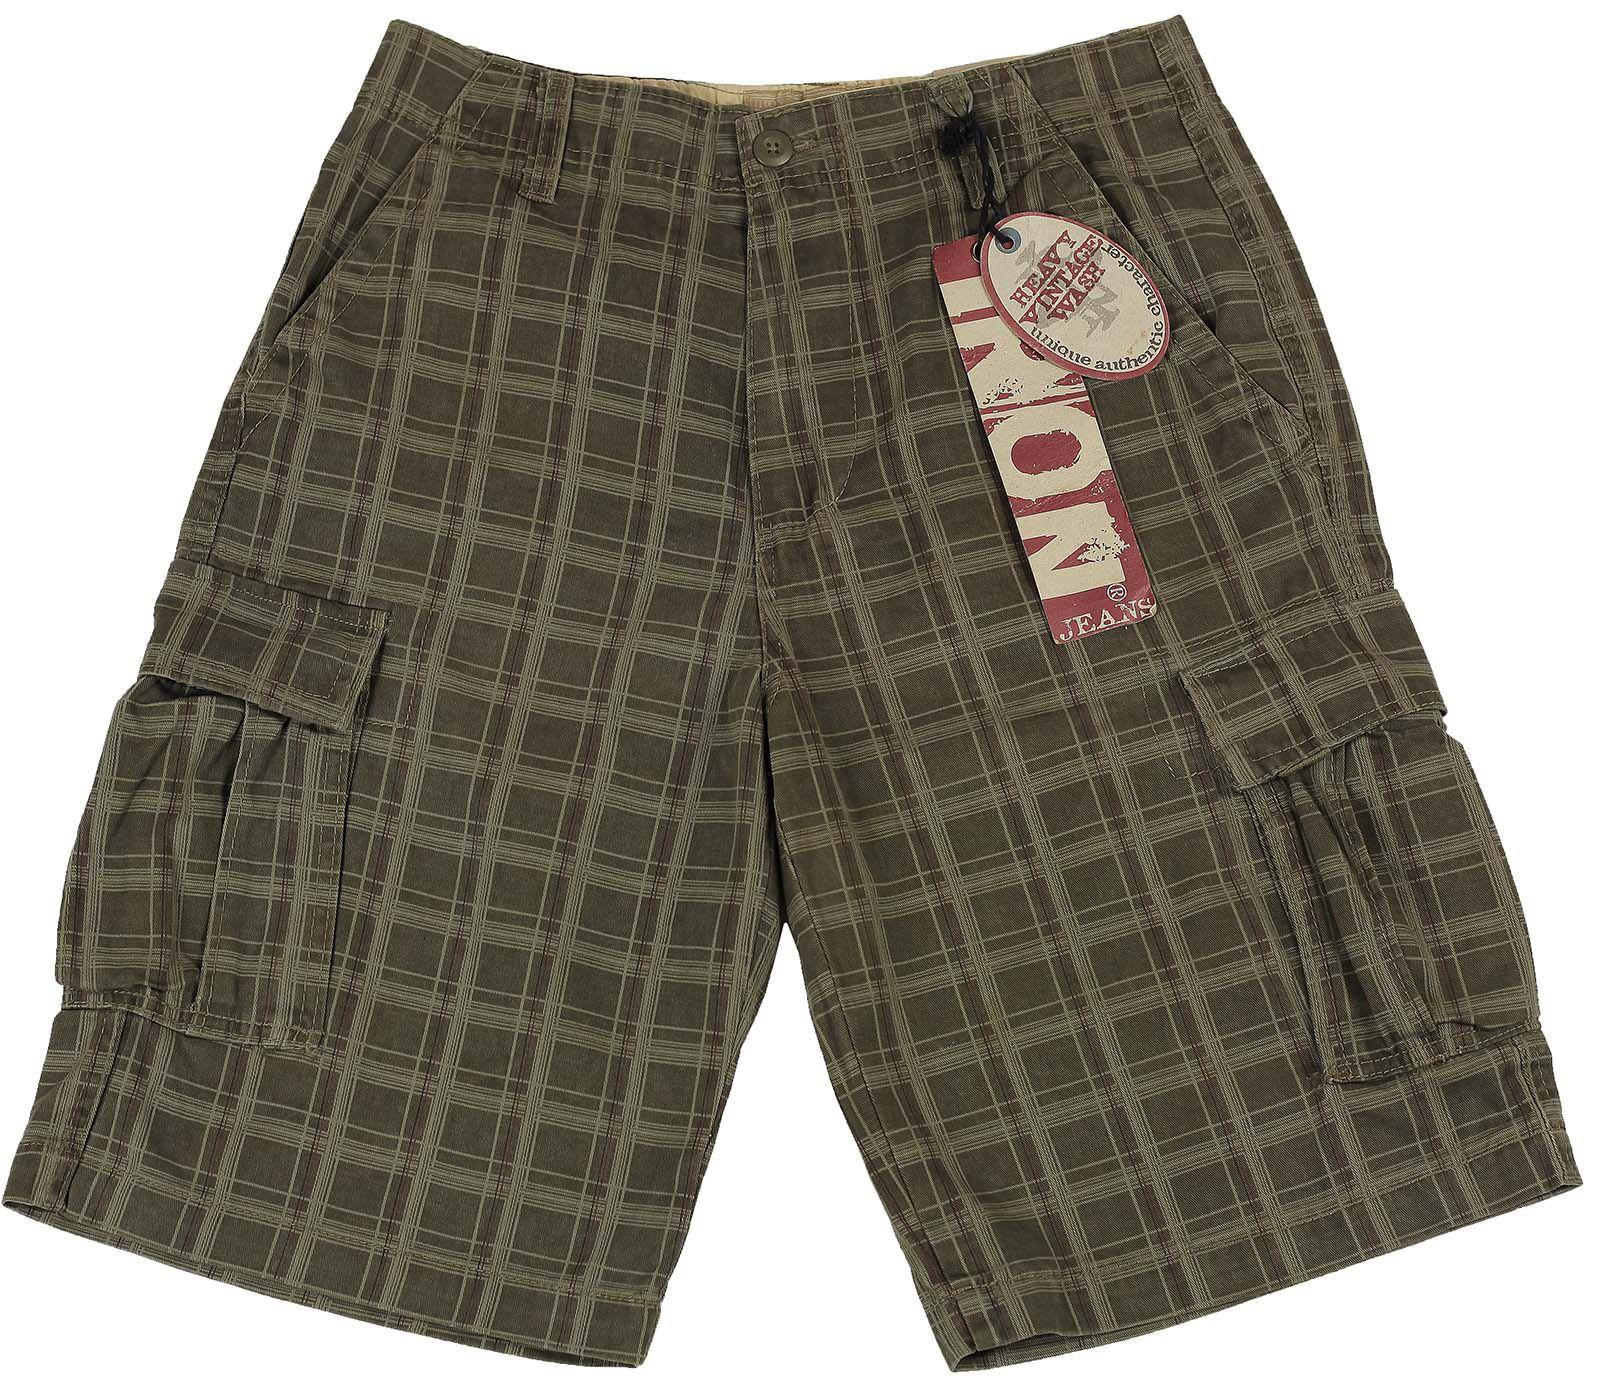 Городские шорты для мужчин Urban (США)